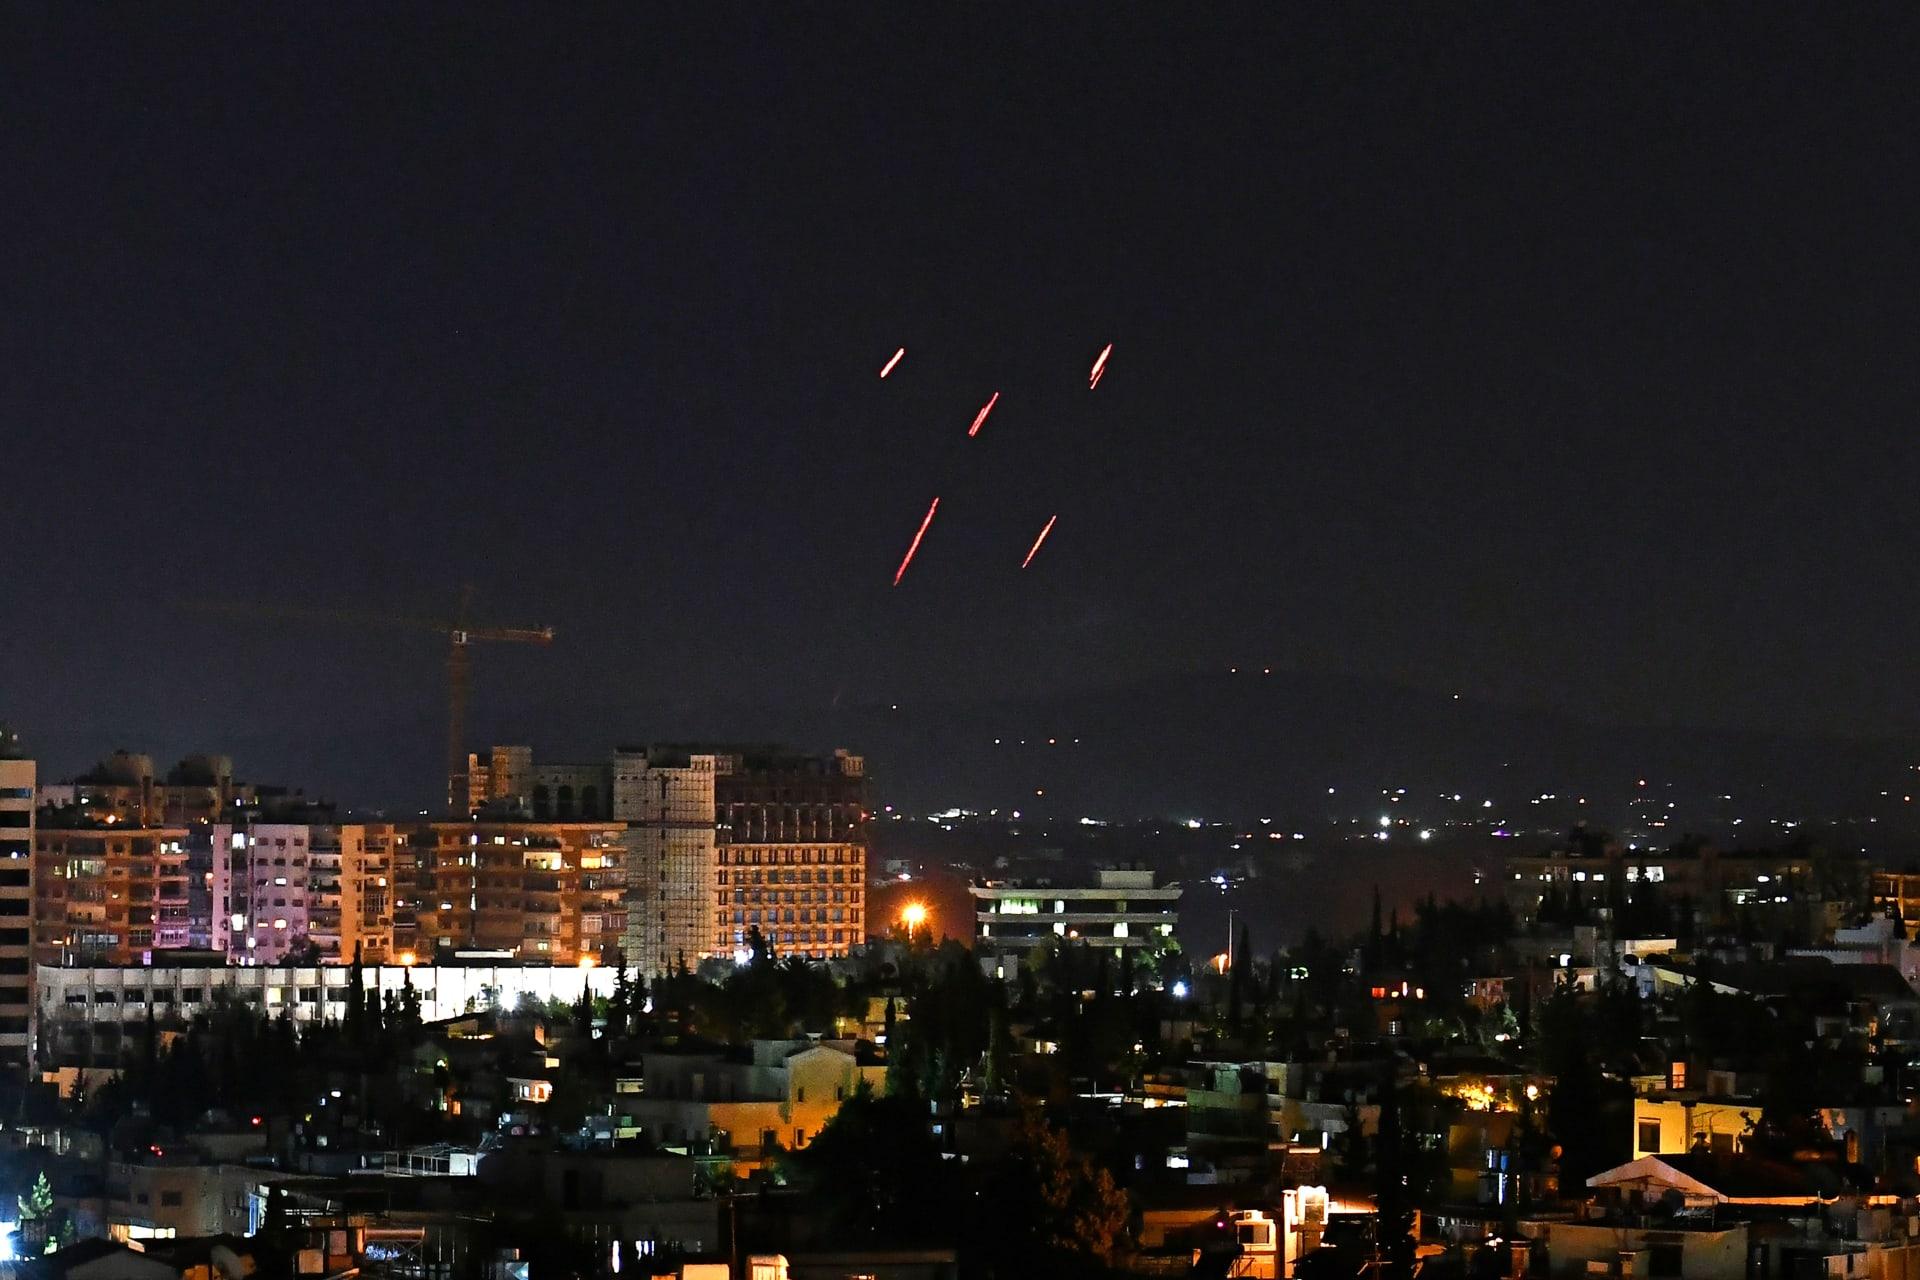 الدفاعات الجوية السورية ترد على استهداف صواريخ إسرائيلية جنوب العاصمة دمشق، 20 يوليو 2020.